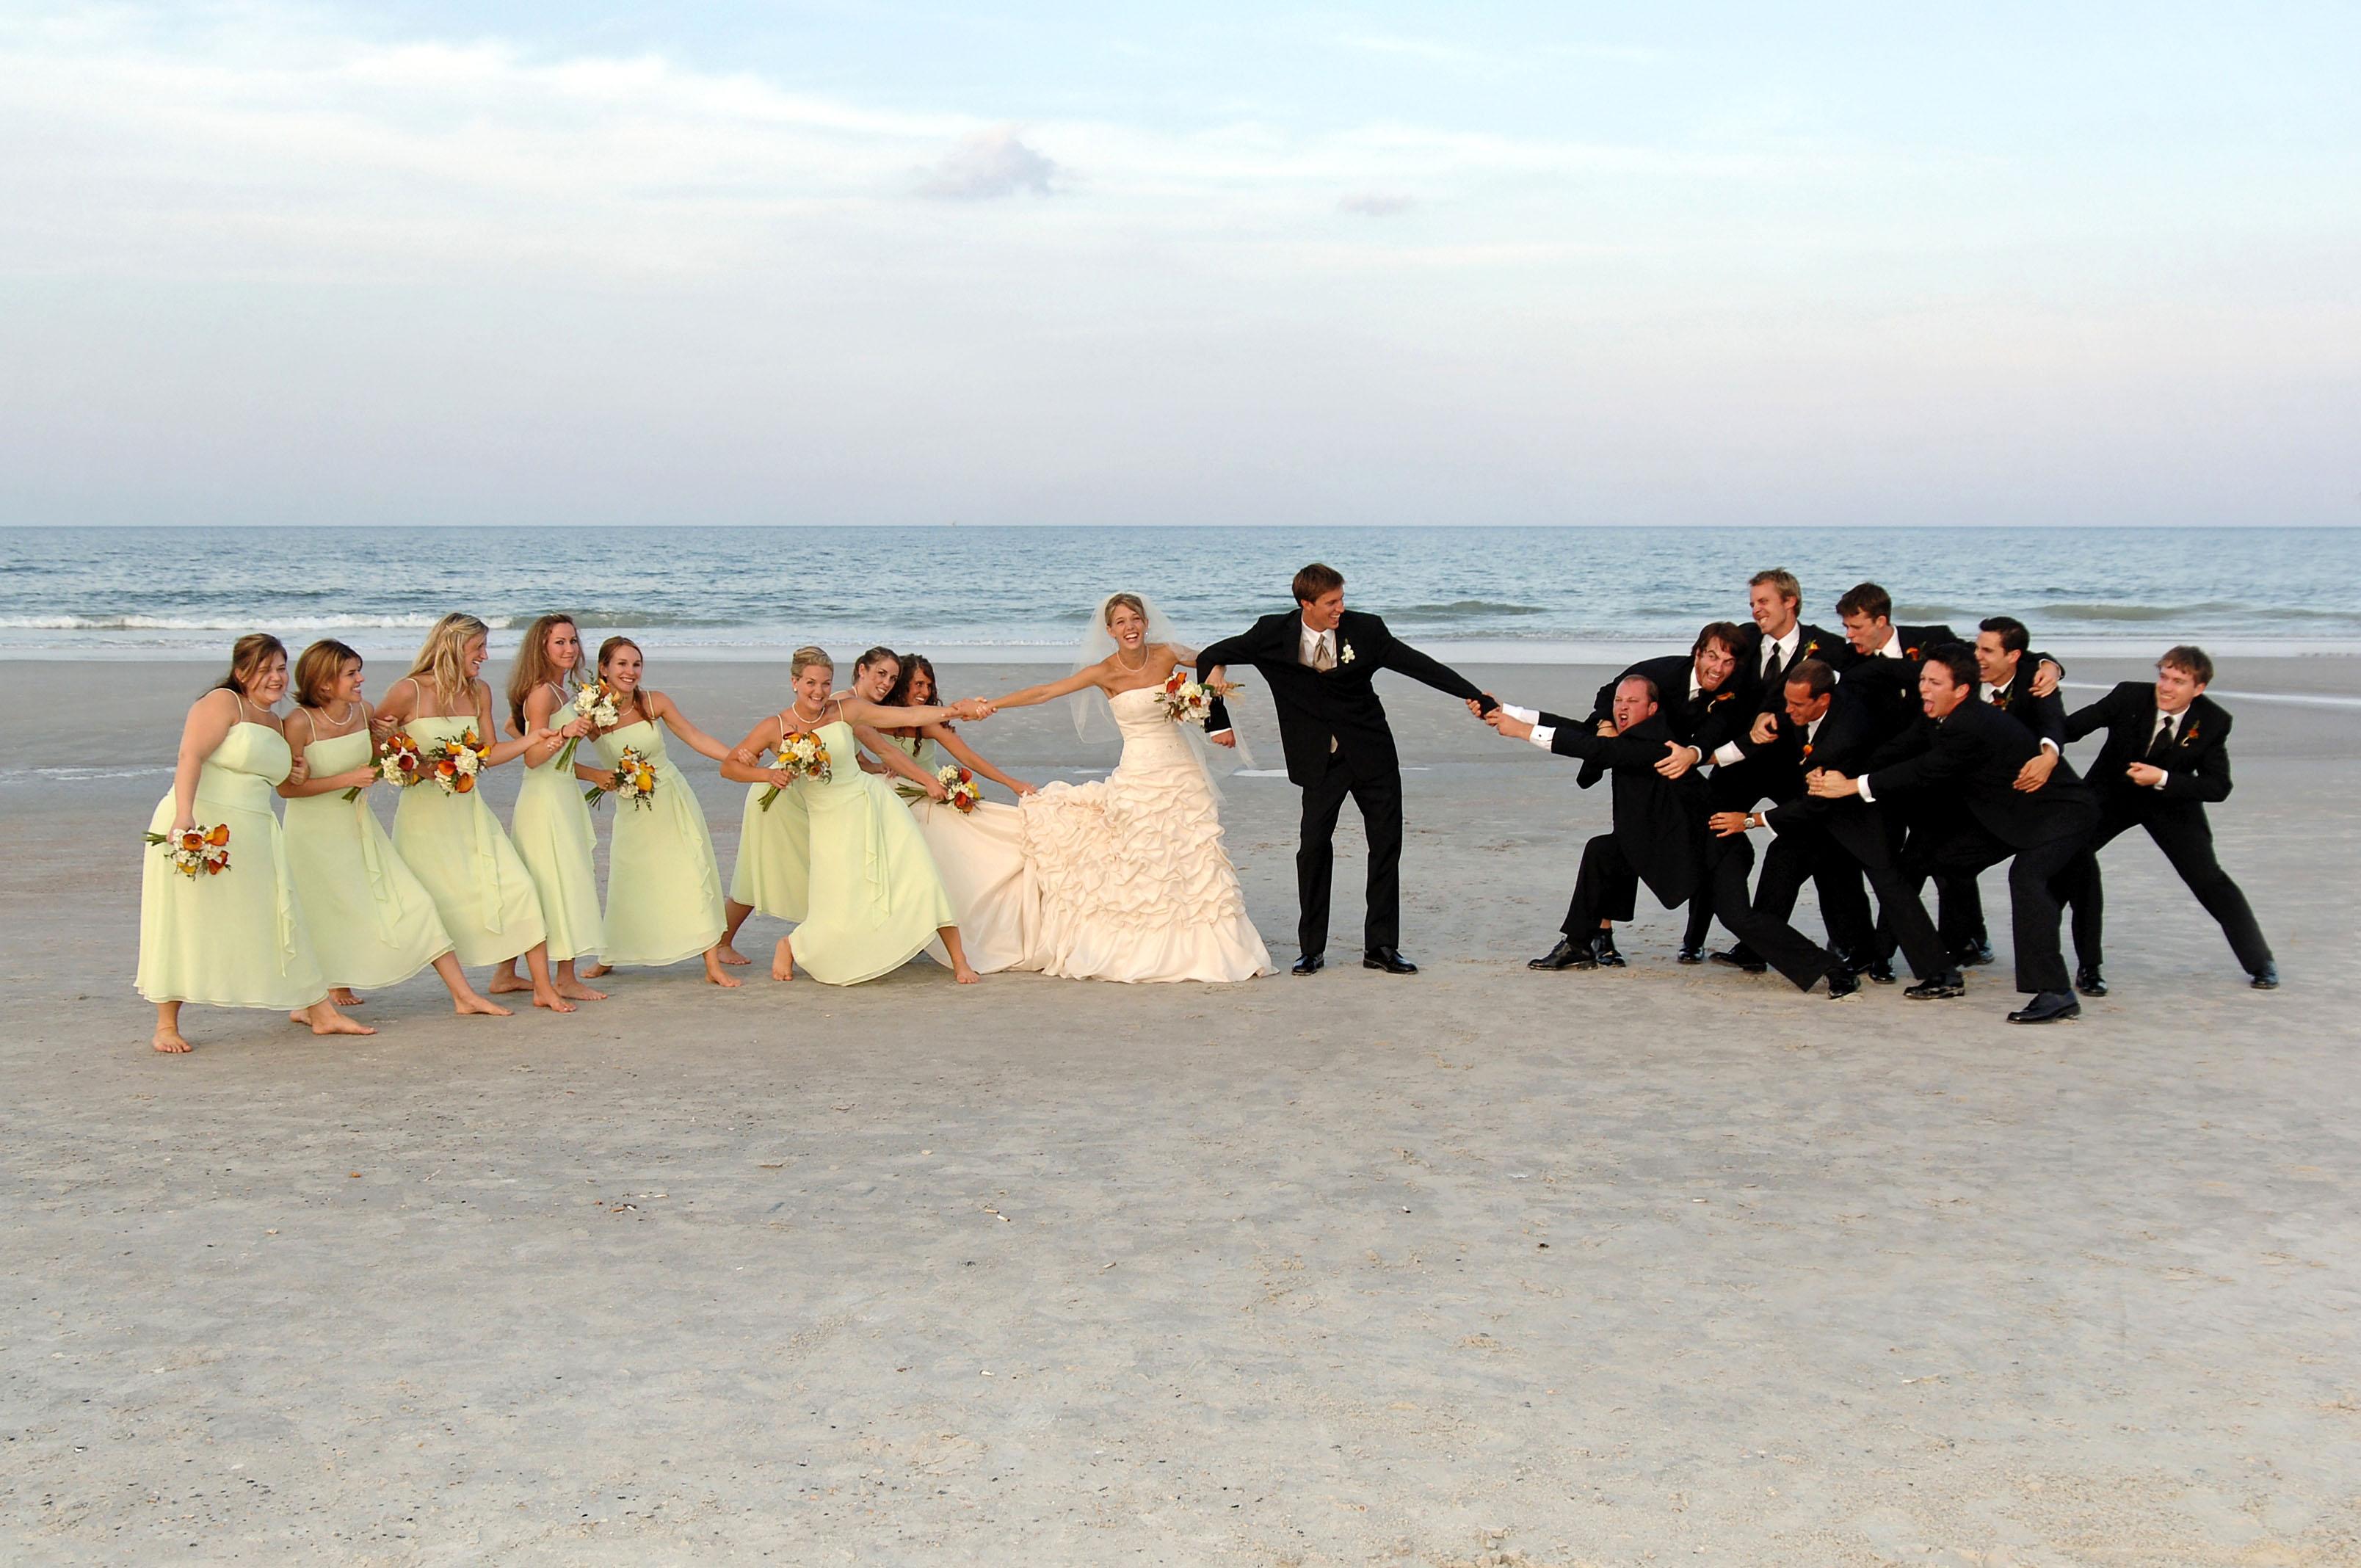 Wedding Tug Of War!